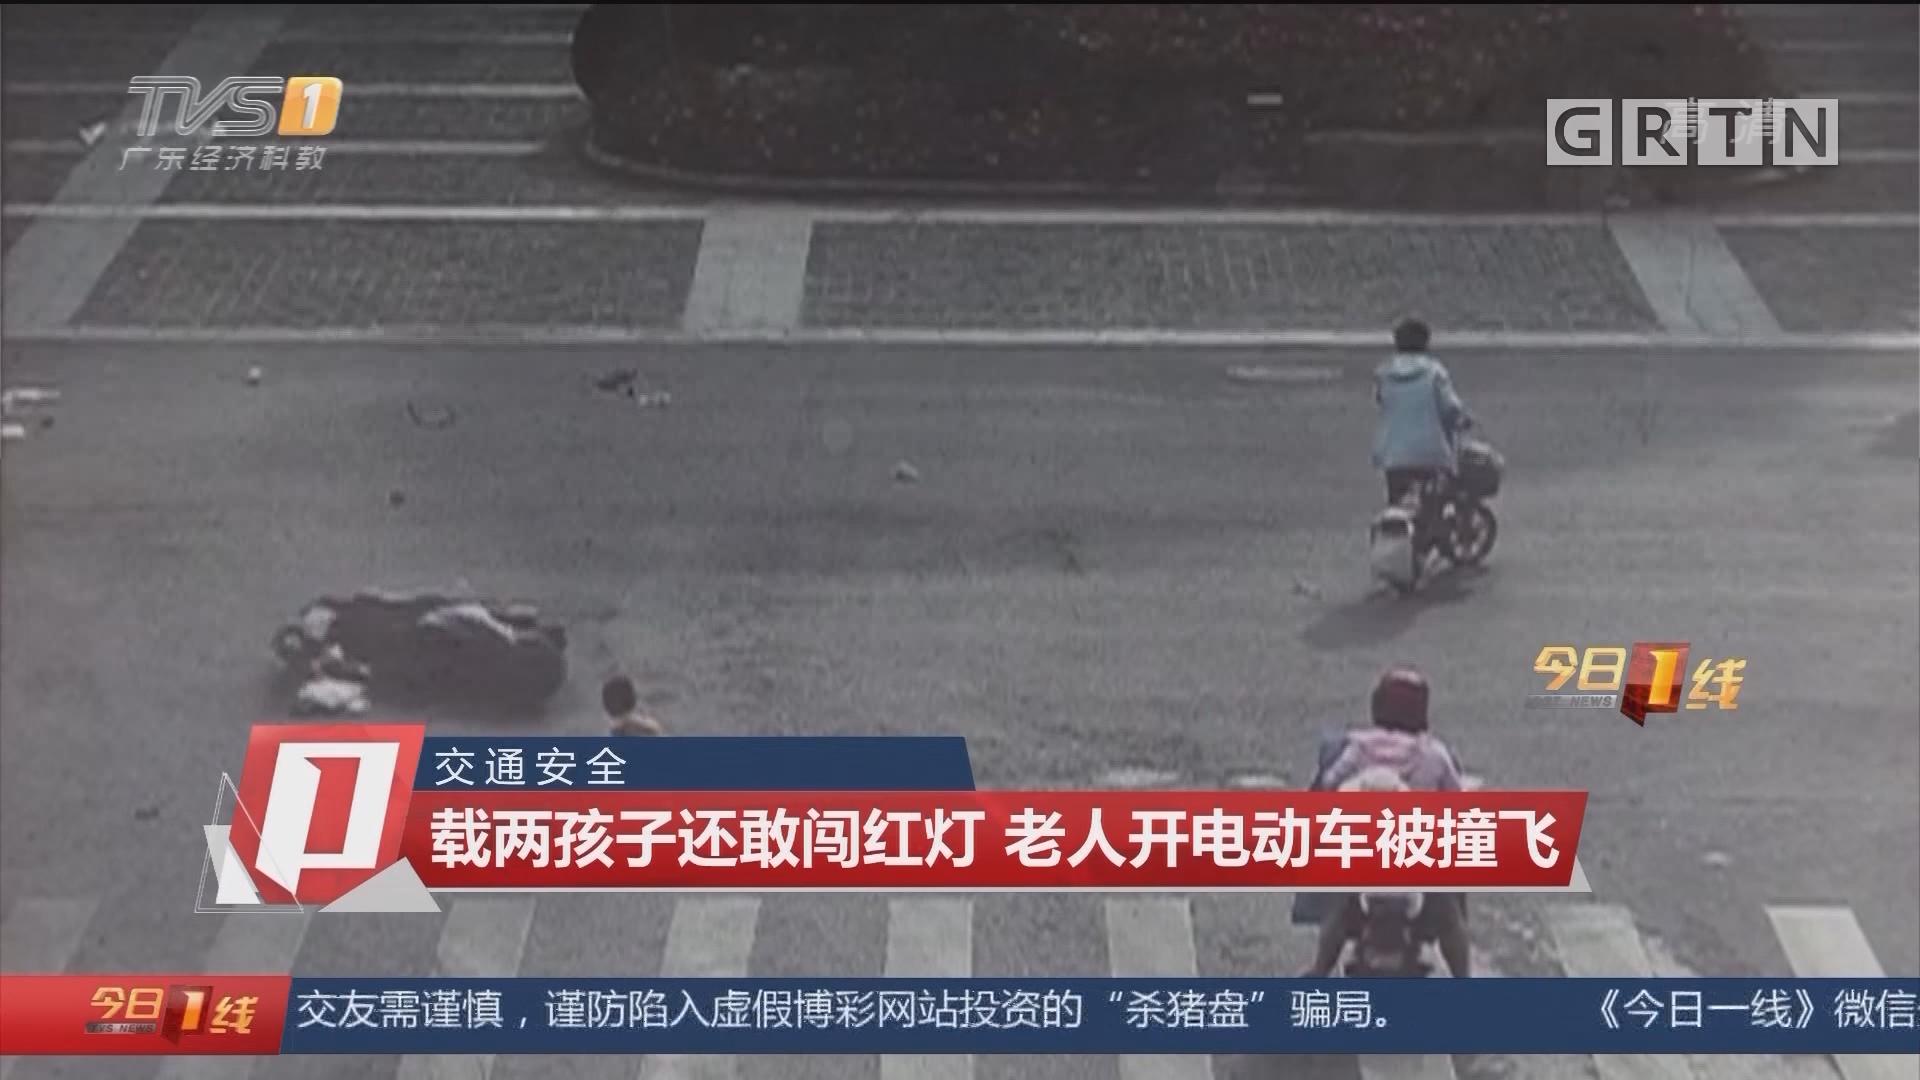 交通安全:载两孩子还敢闯红灯 老人开电动车被撞飞